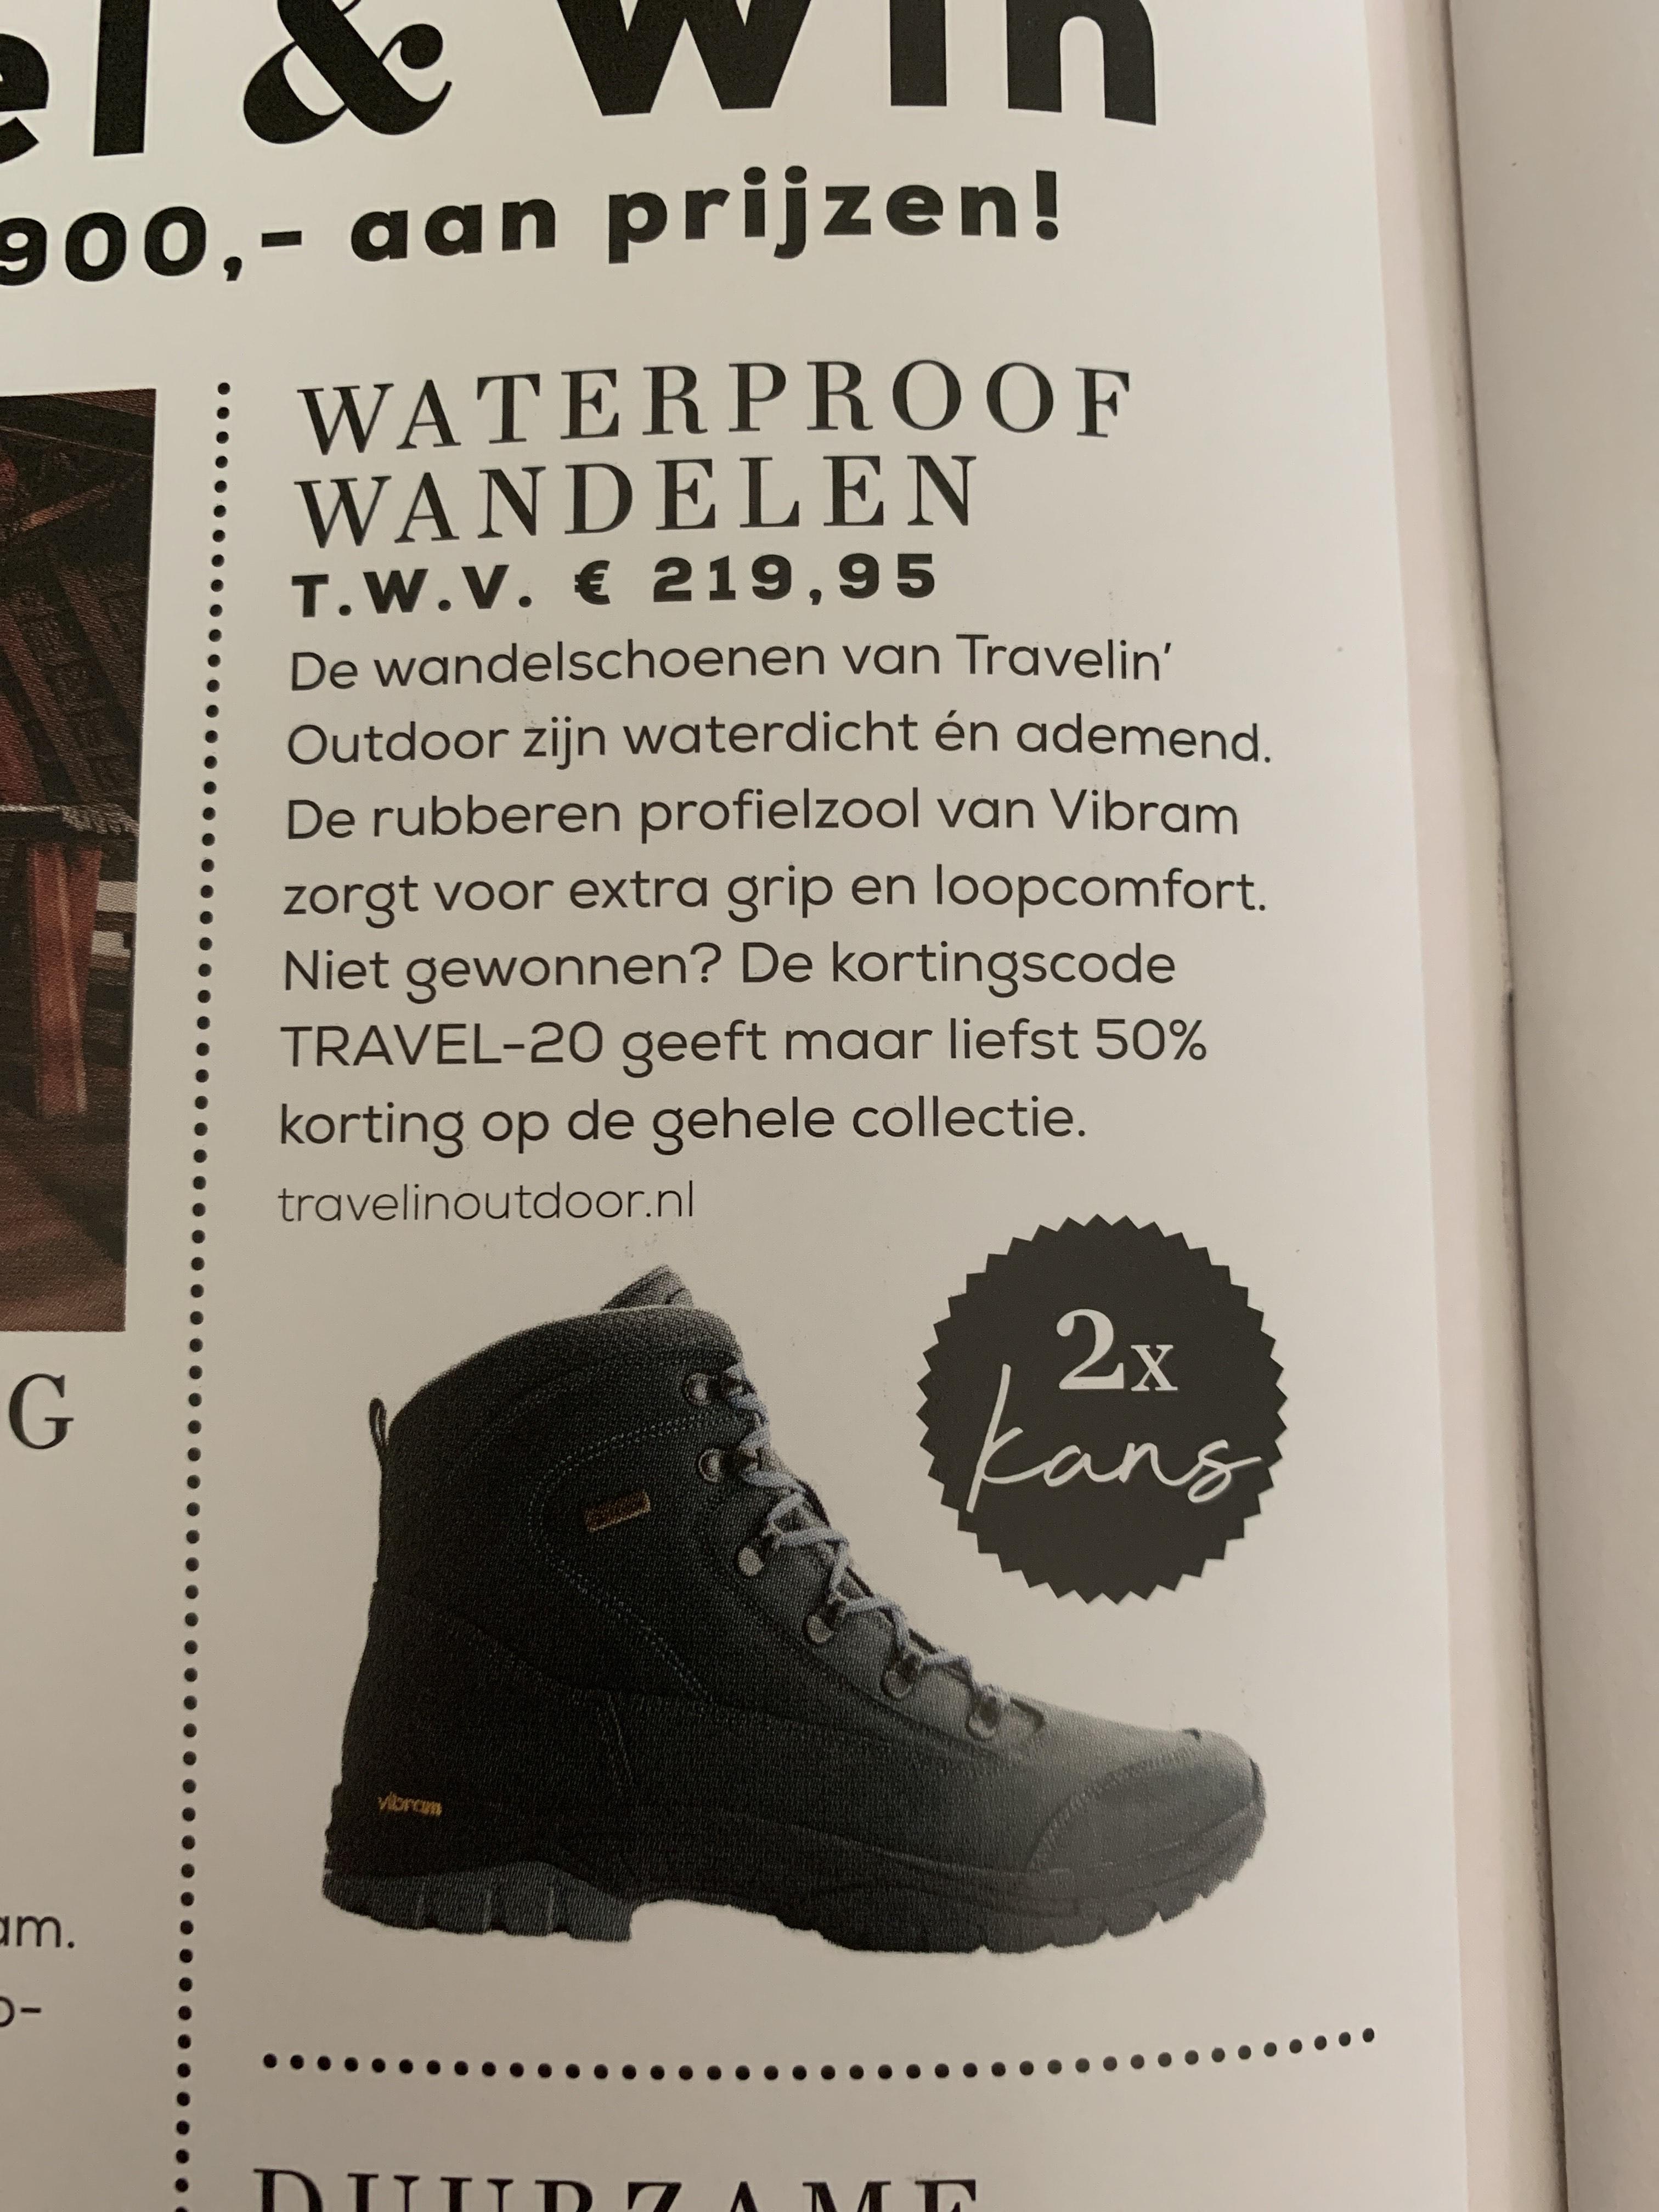 50% korting op de gehele collectie van Travelinoutdoor.nl